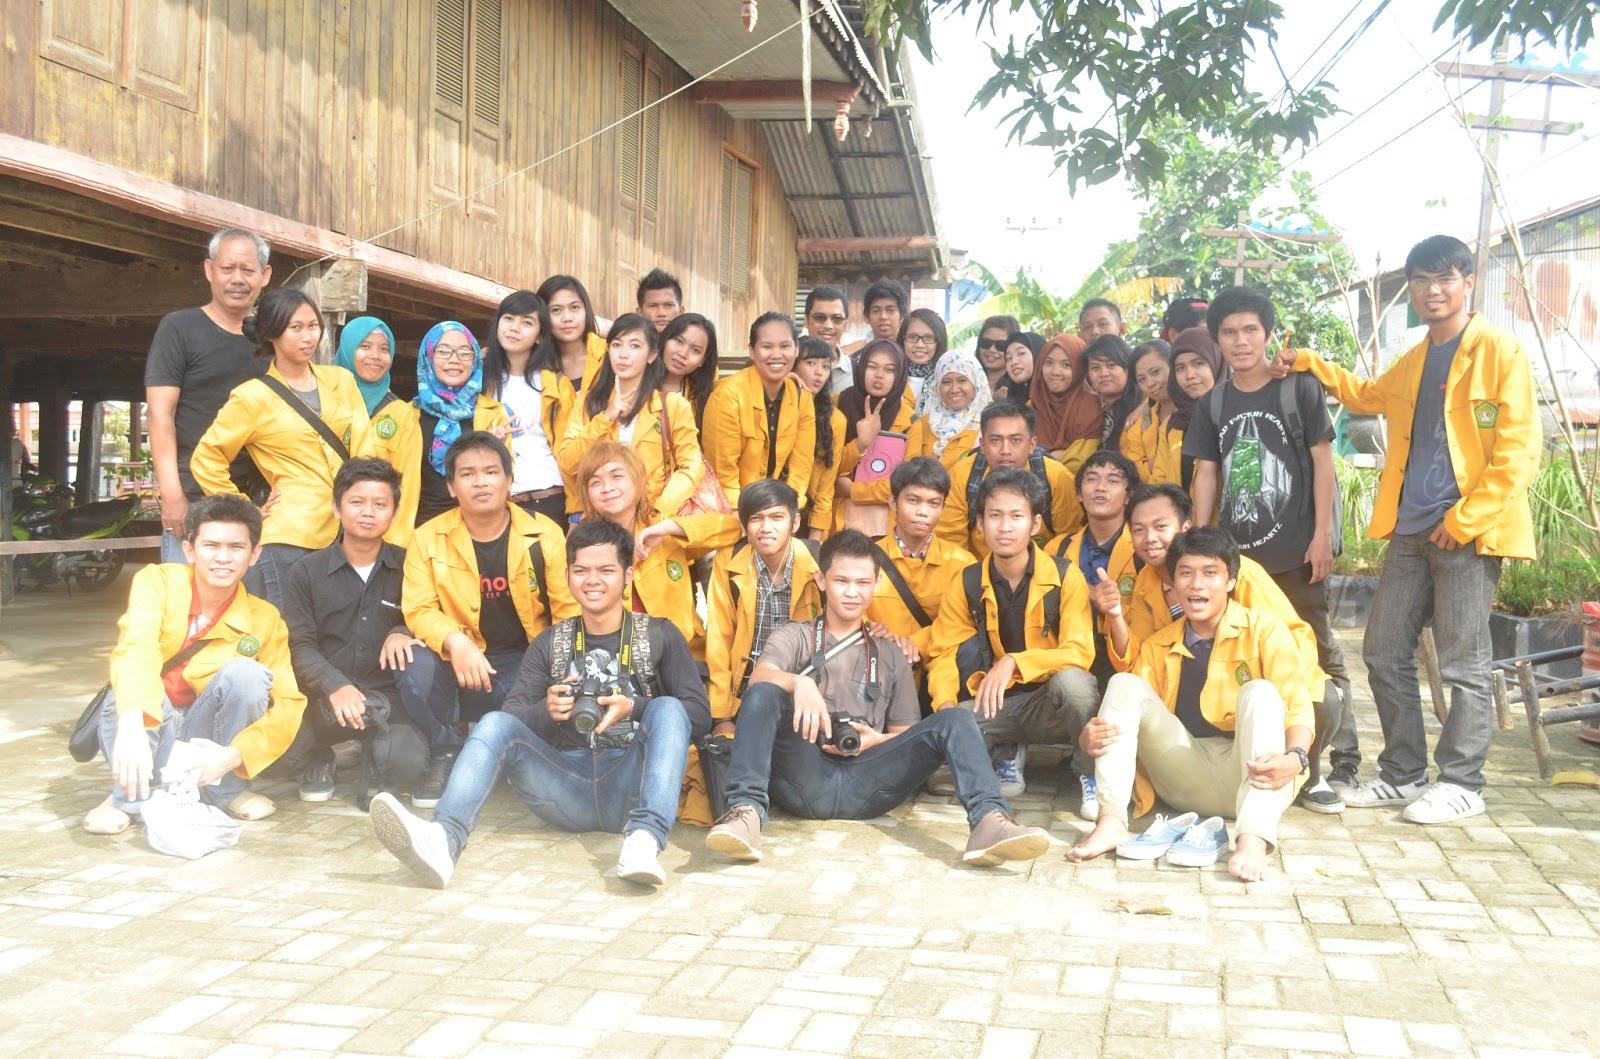 Mengenak Kampung Tenun Sebagai Salah Satu Wisata Favorit Kota Samarinda